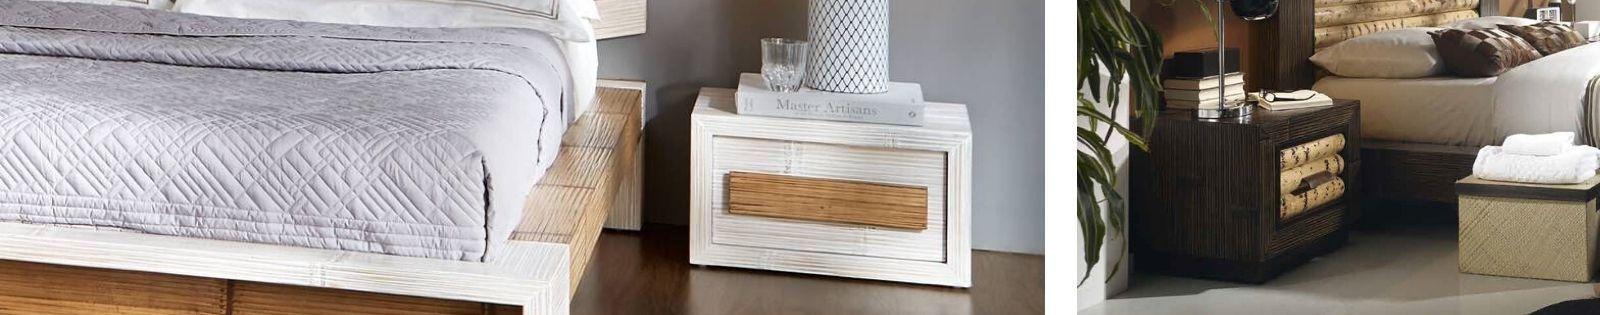 Table de chevet en bambou. Meuble destiné à la chambre en bambou. Le Monde du Lit